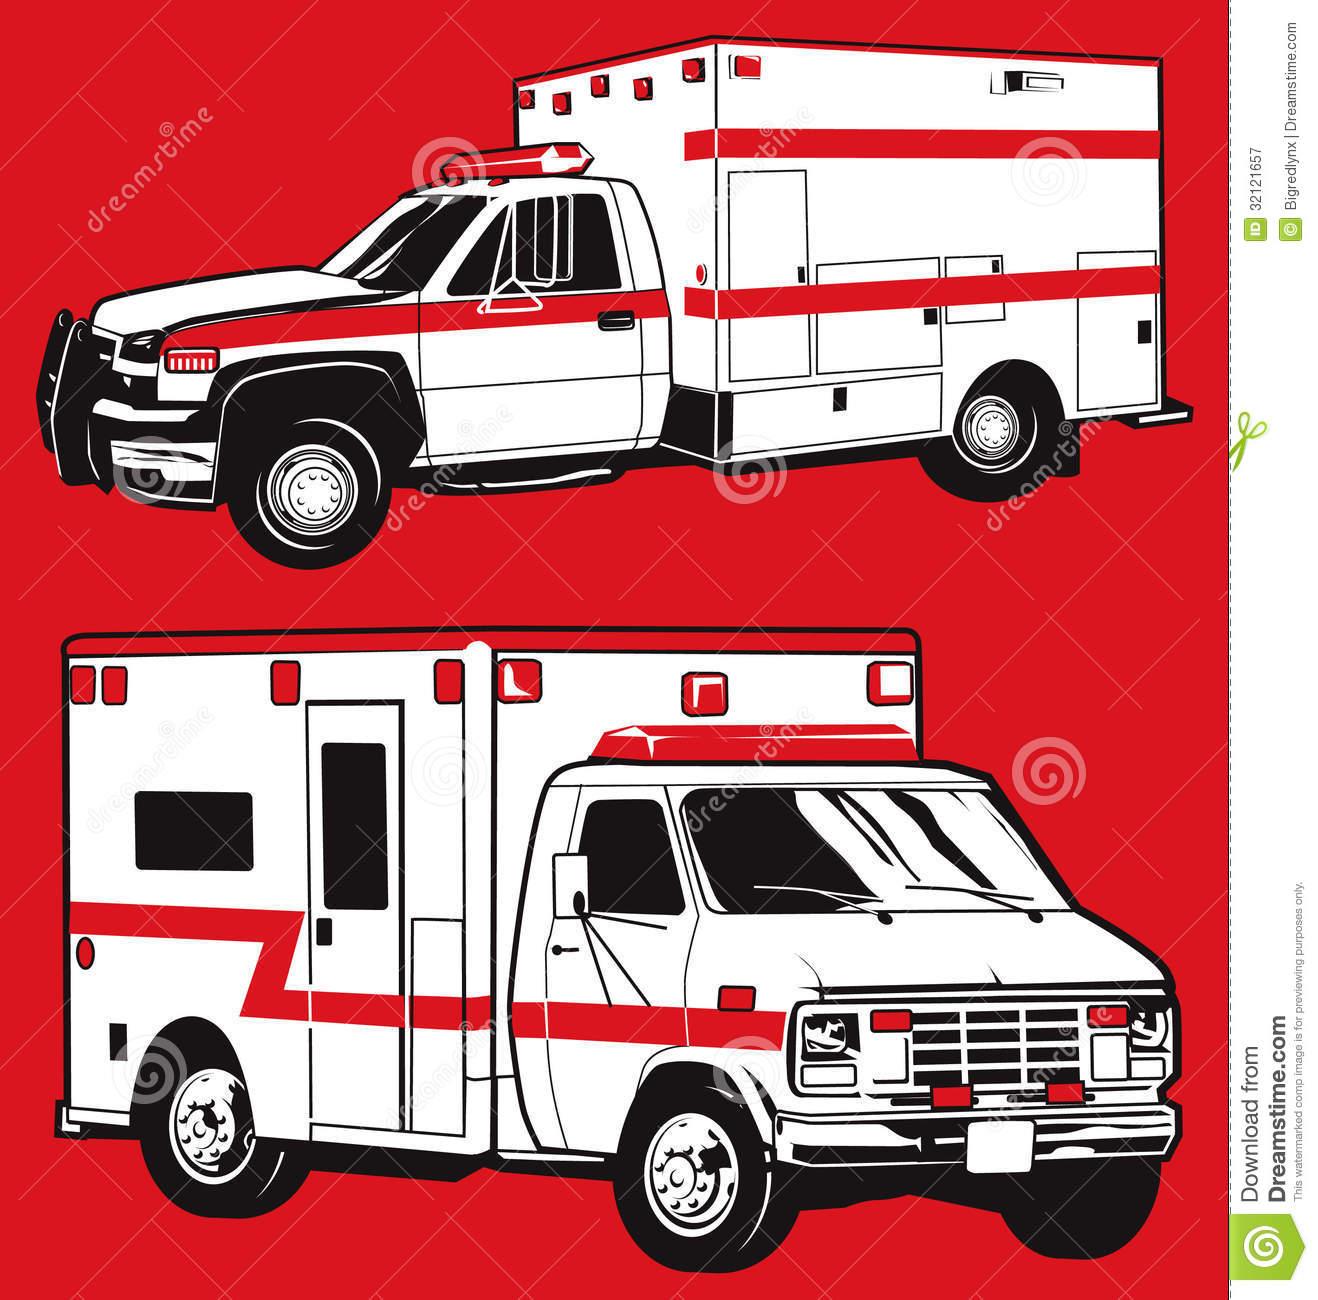 clip art ambulance pictures - photo #50